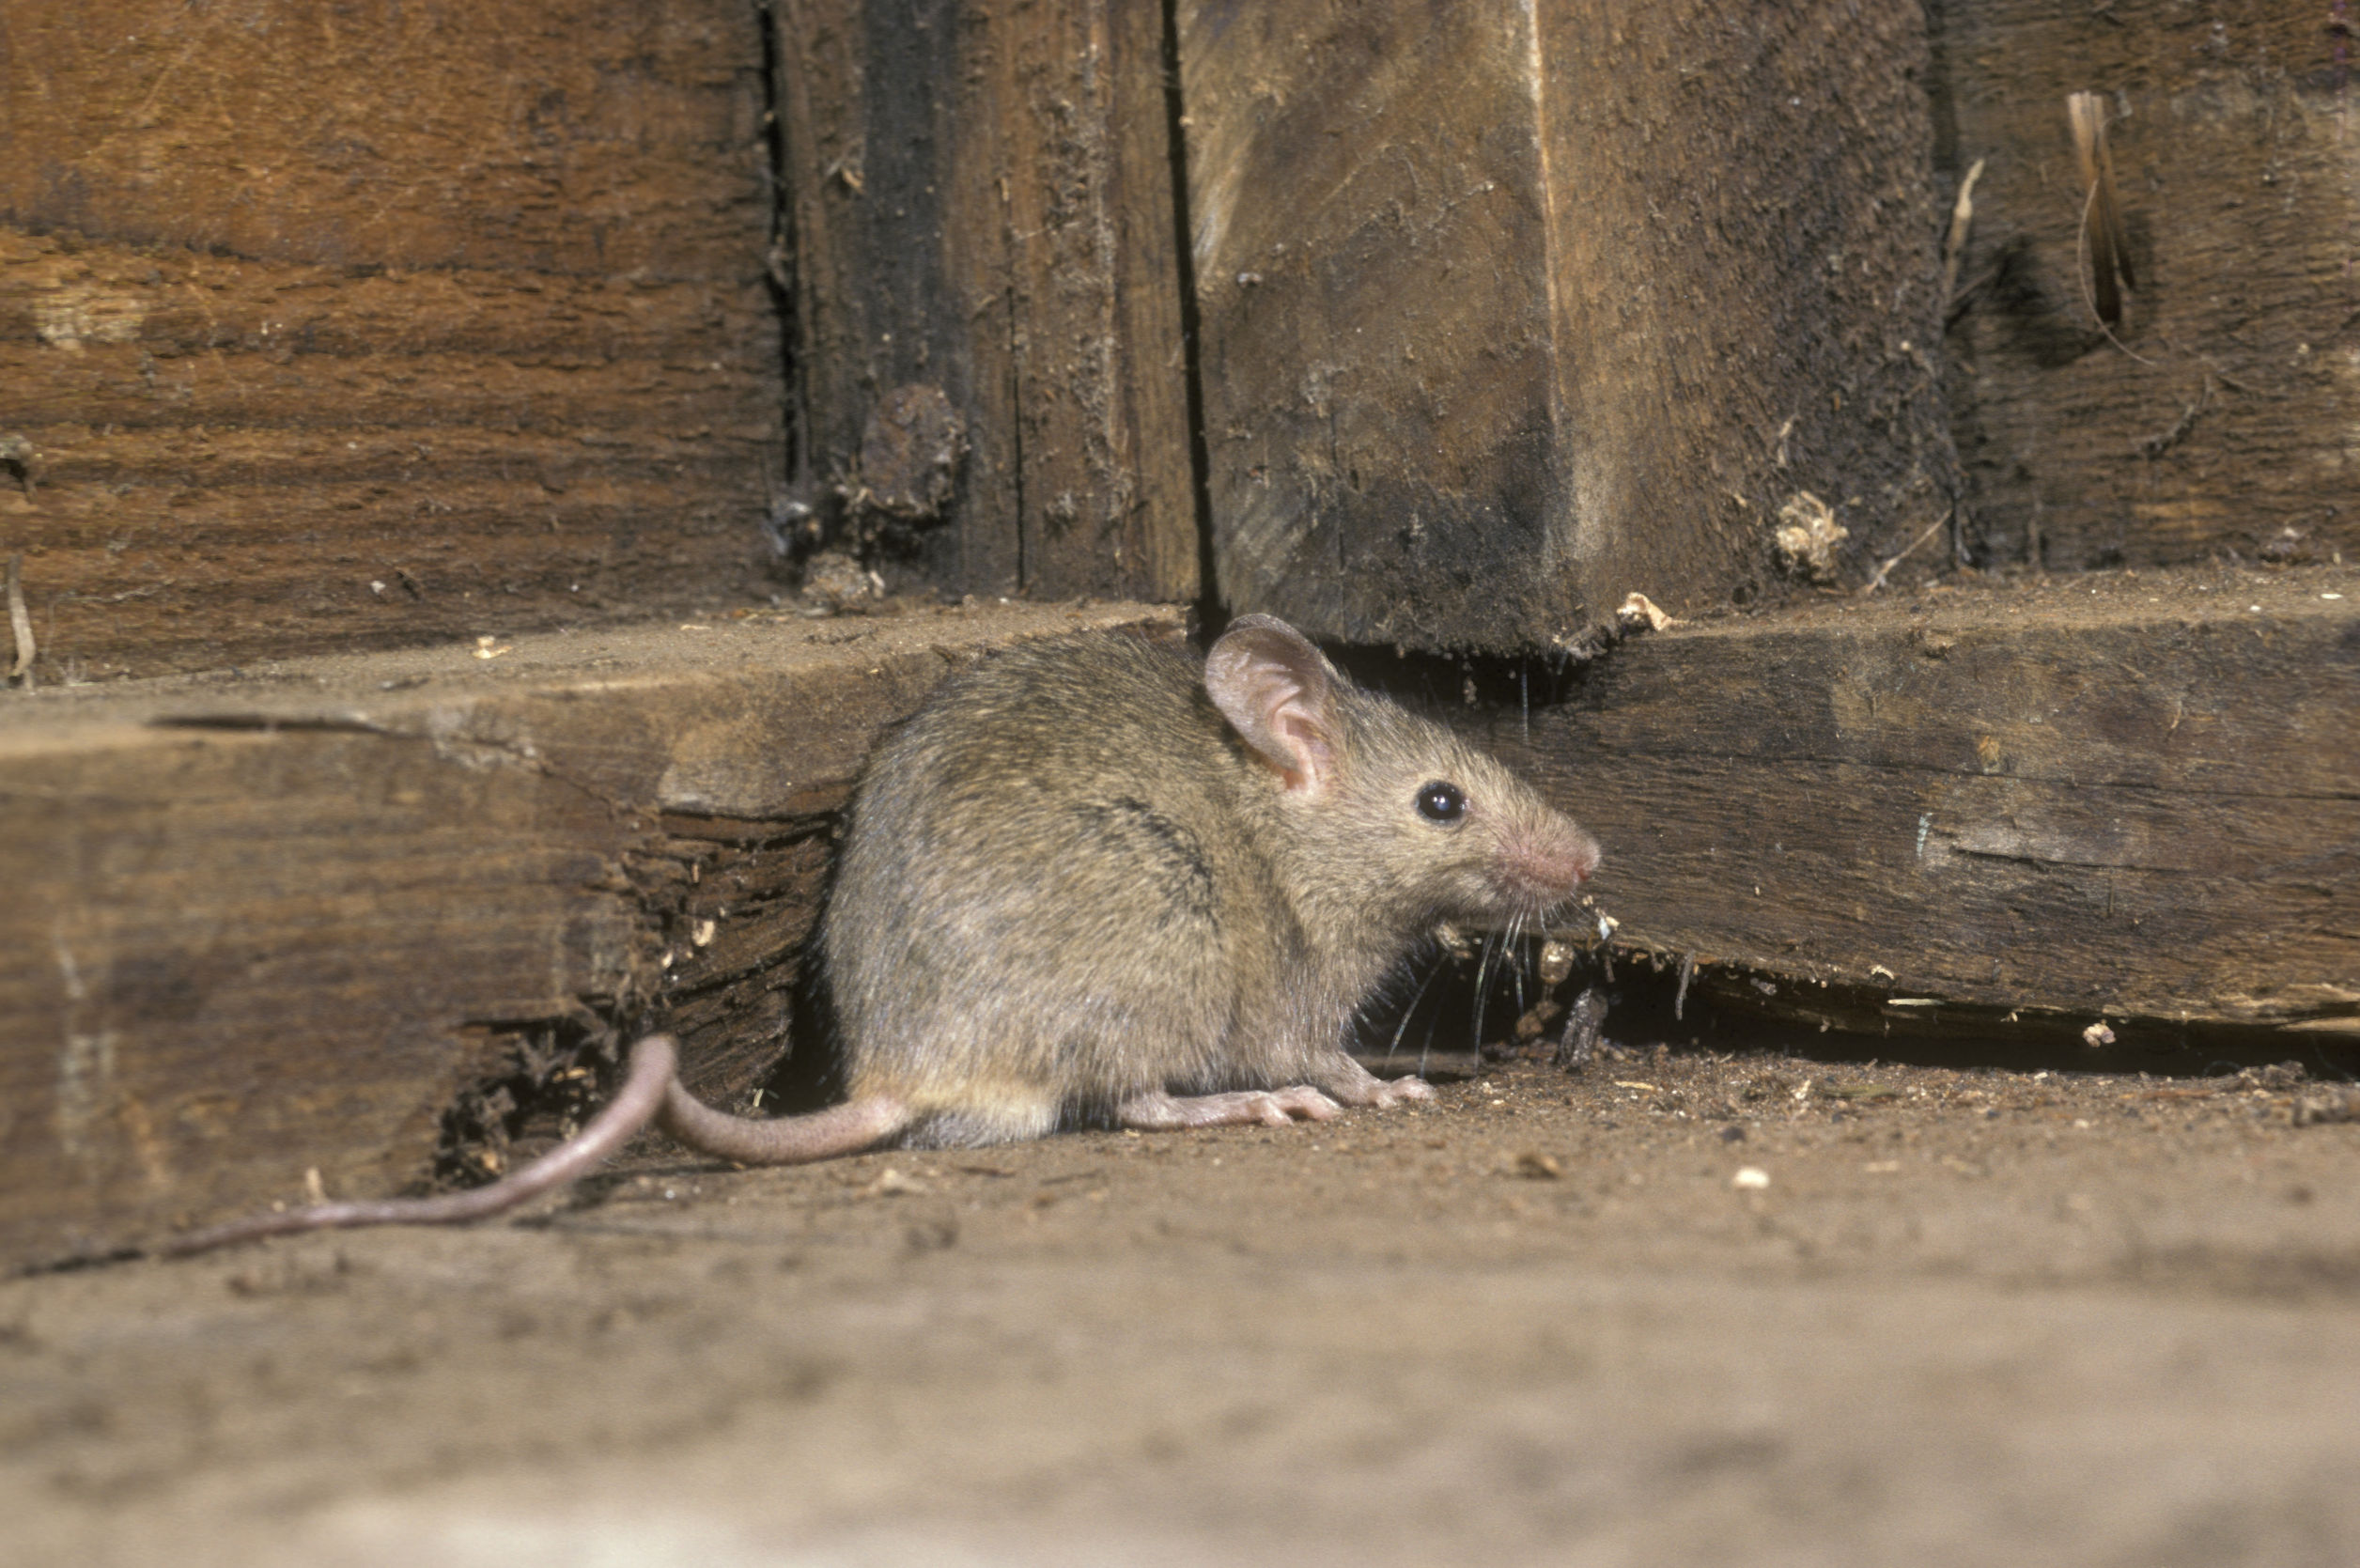 Mäuseschreck: Test & Empfehlungen (07/20)